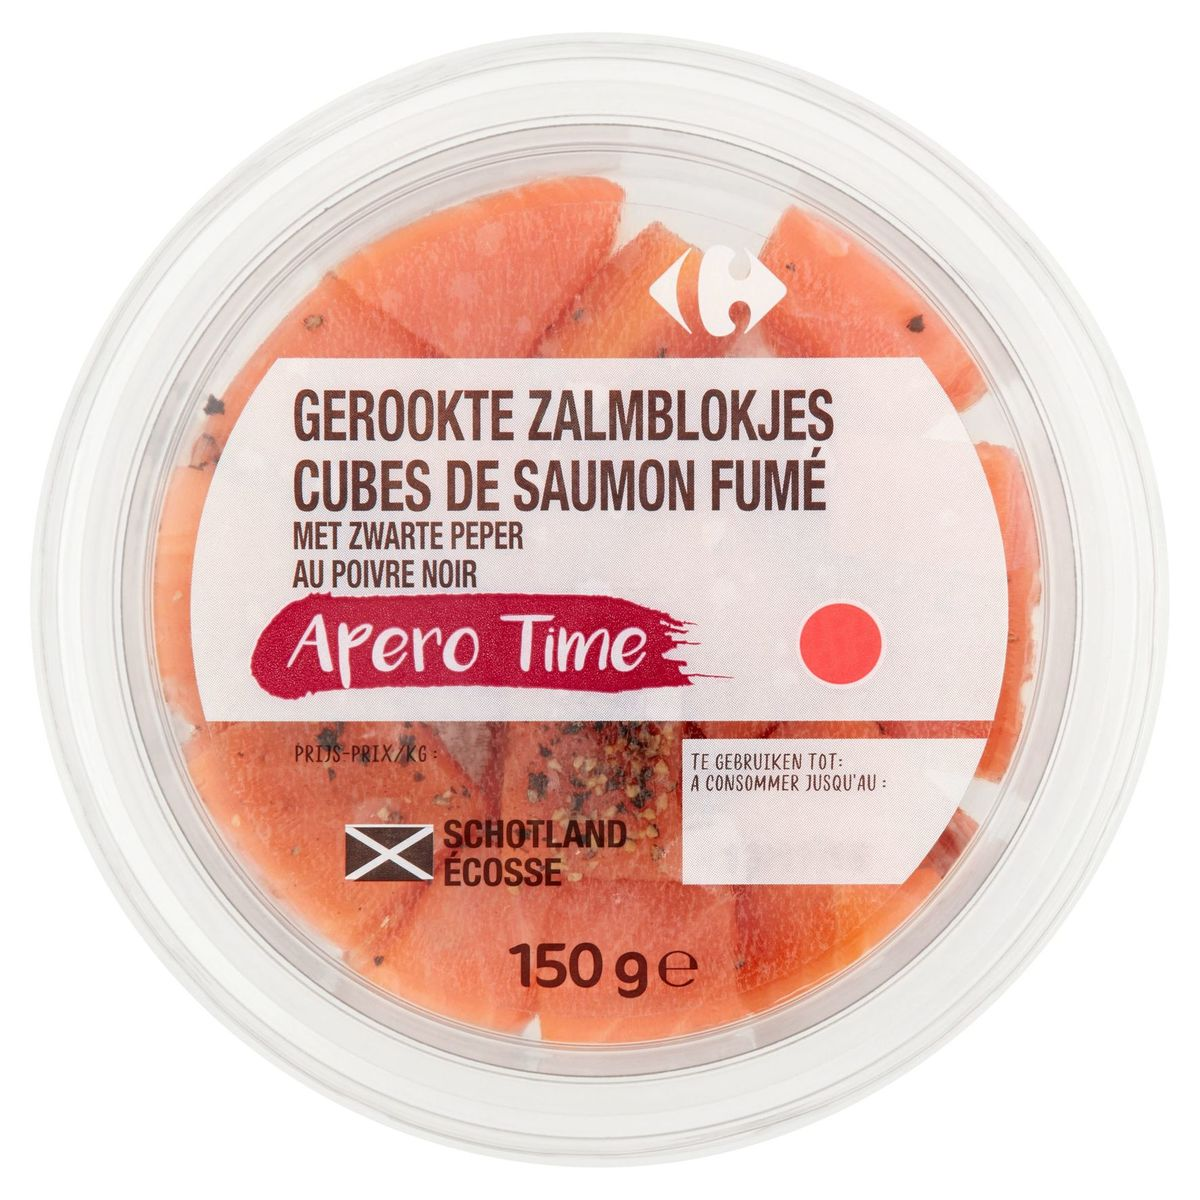 Carrefour Apero Time Cubes de Saumon Fumé au Poivre Noir 150 g